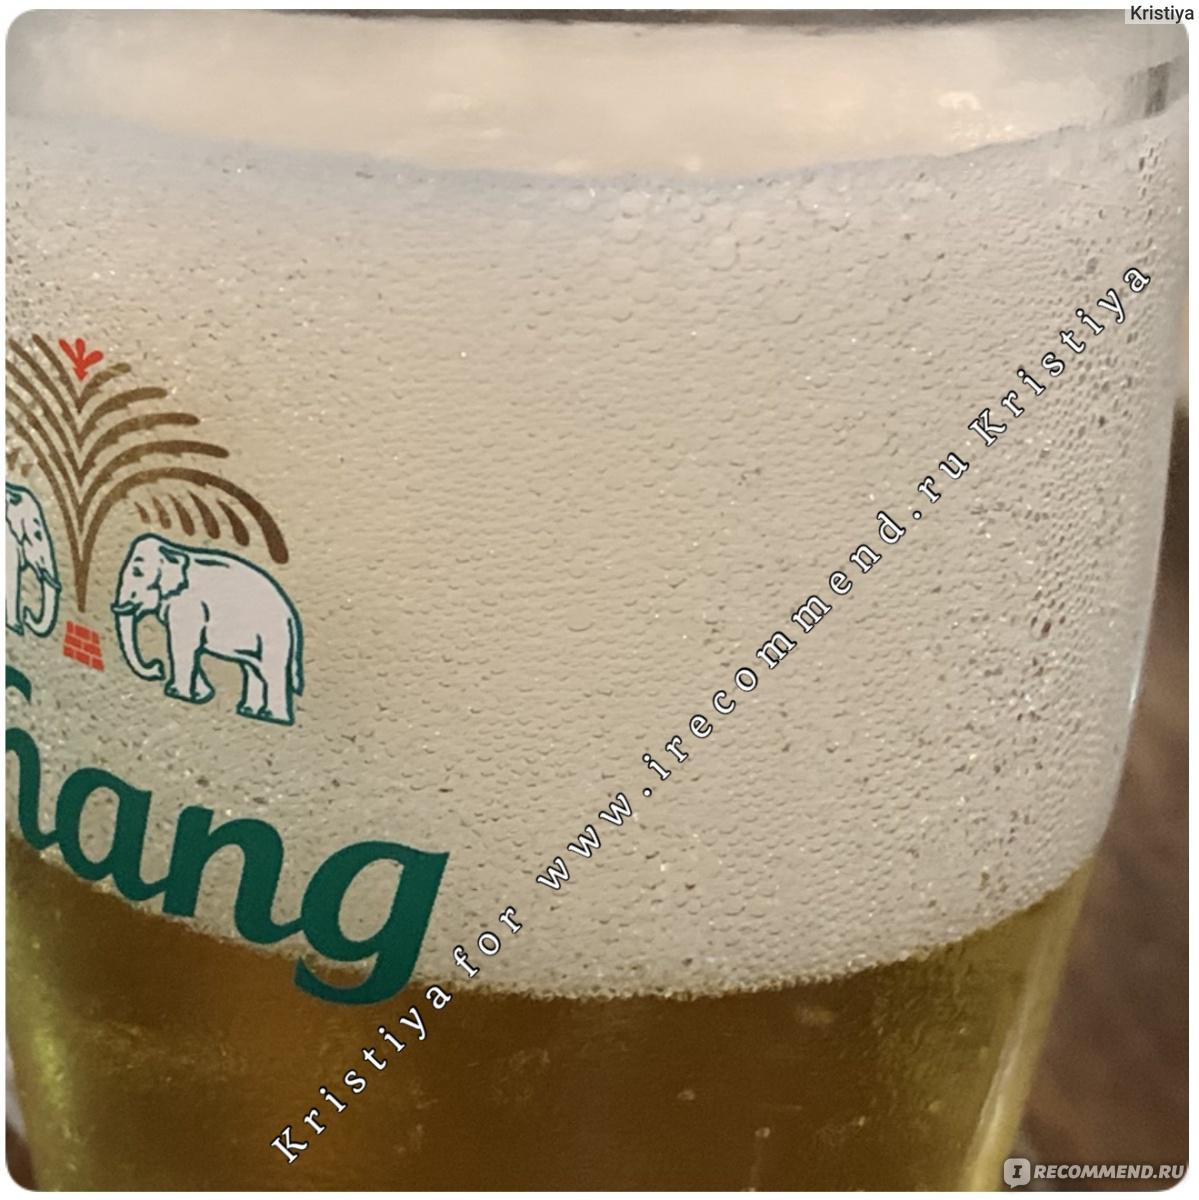 Тайское пиво - названия, сорта, особенности, вкус и качество